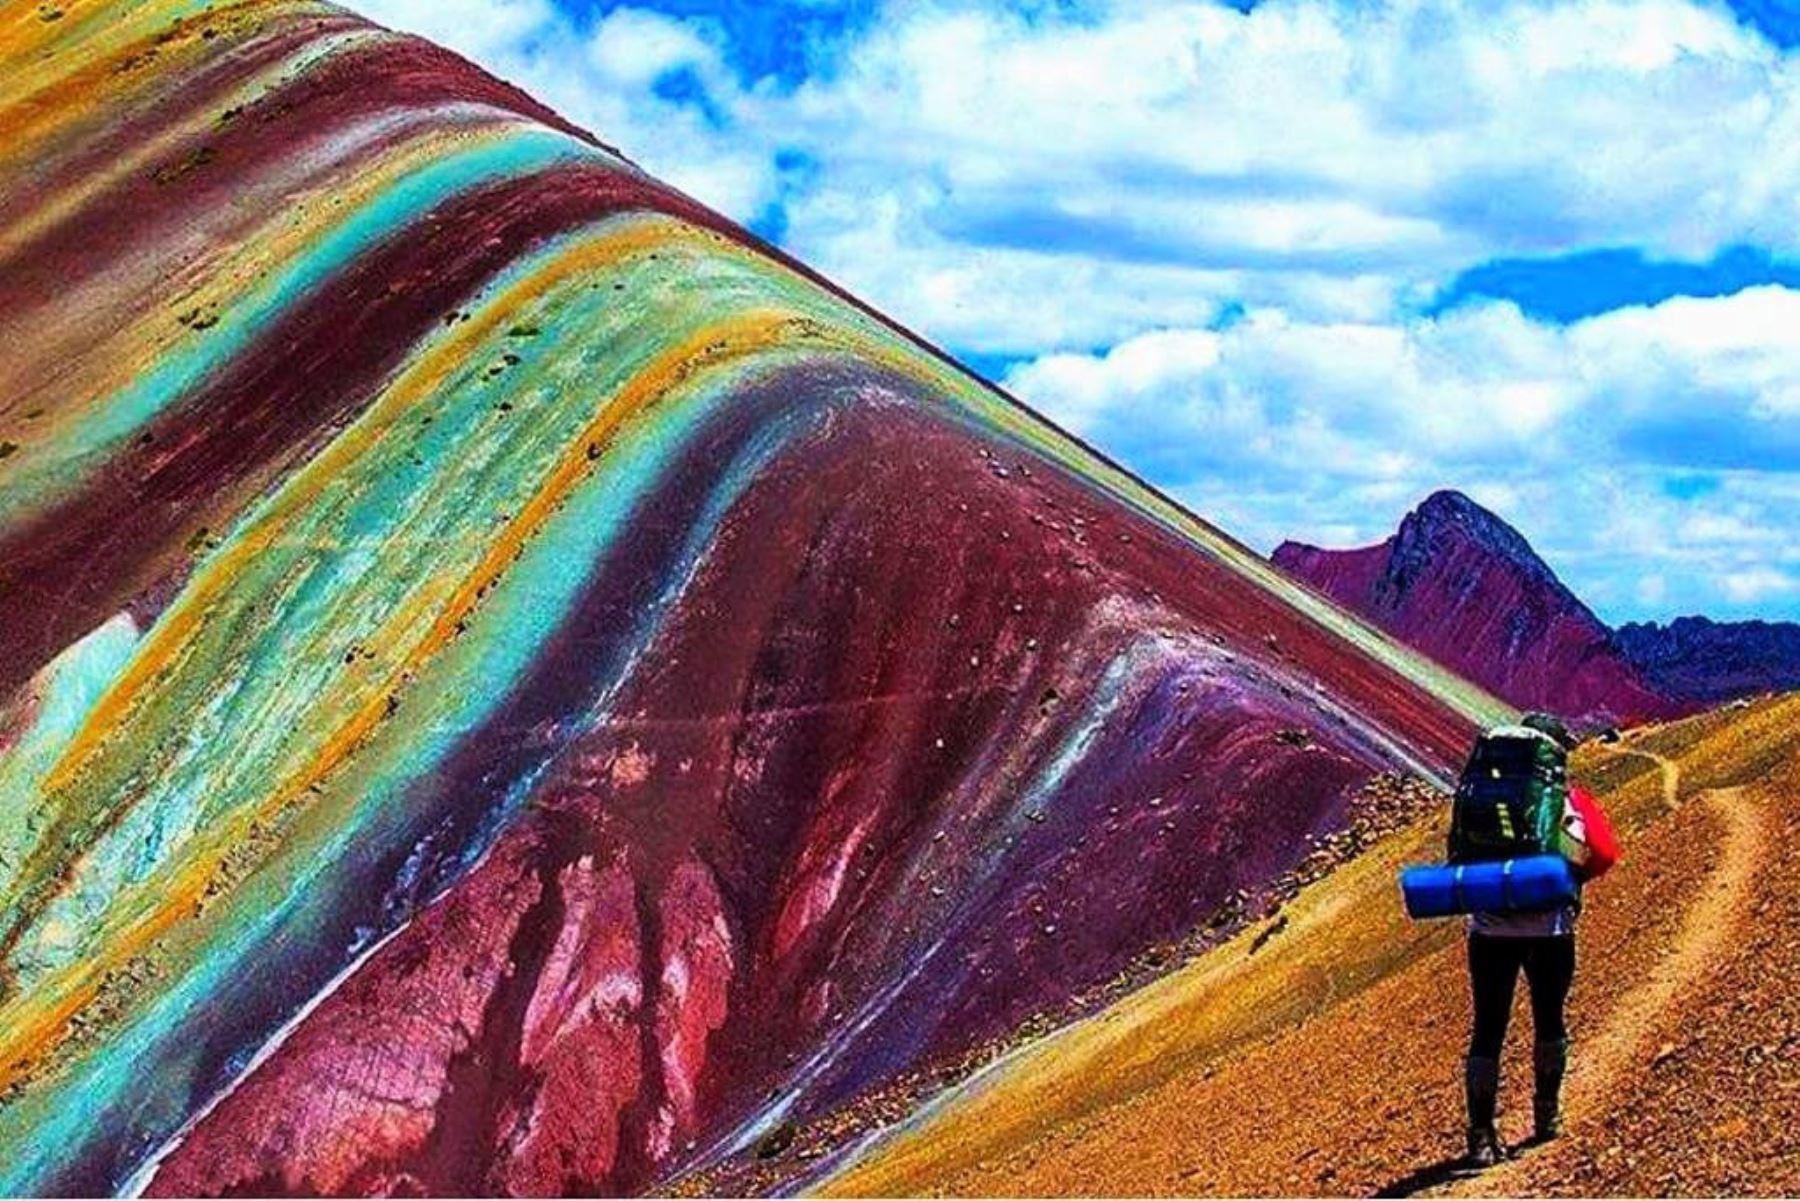 Montaña Vinicunca camino a convertirse en segundo destino turístico de Cusco. INTERNET/Medios